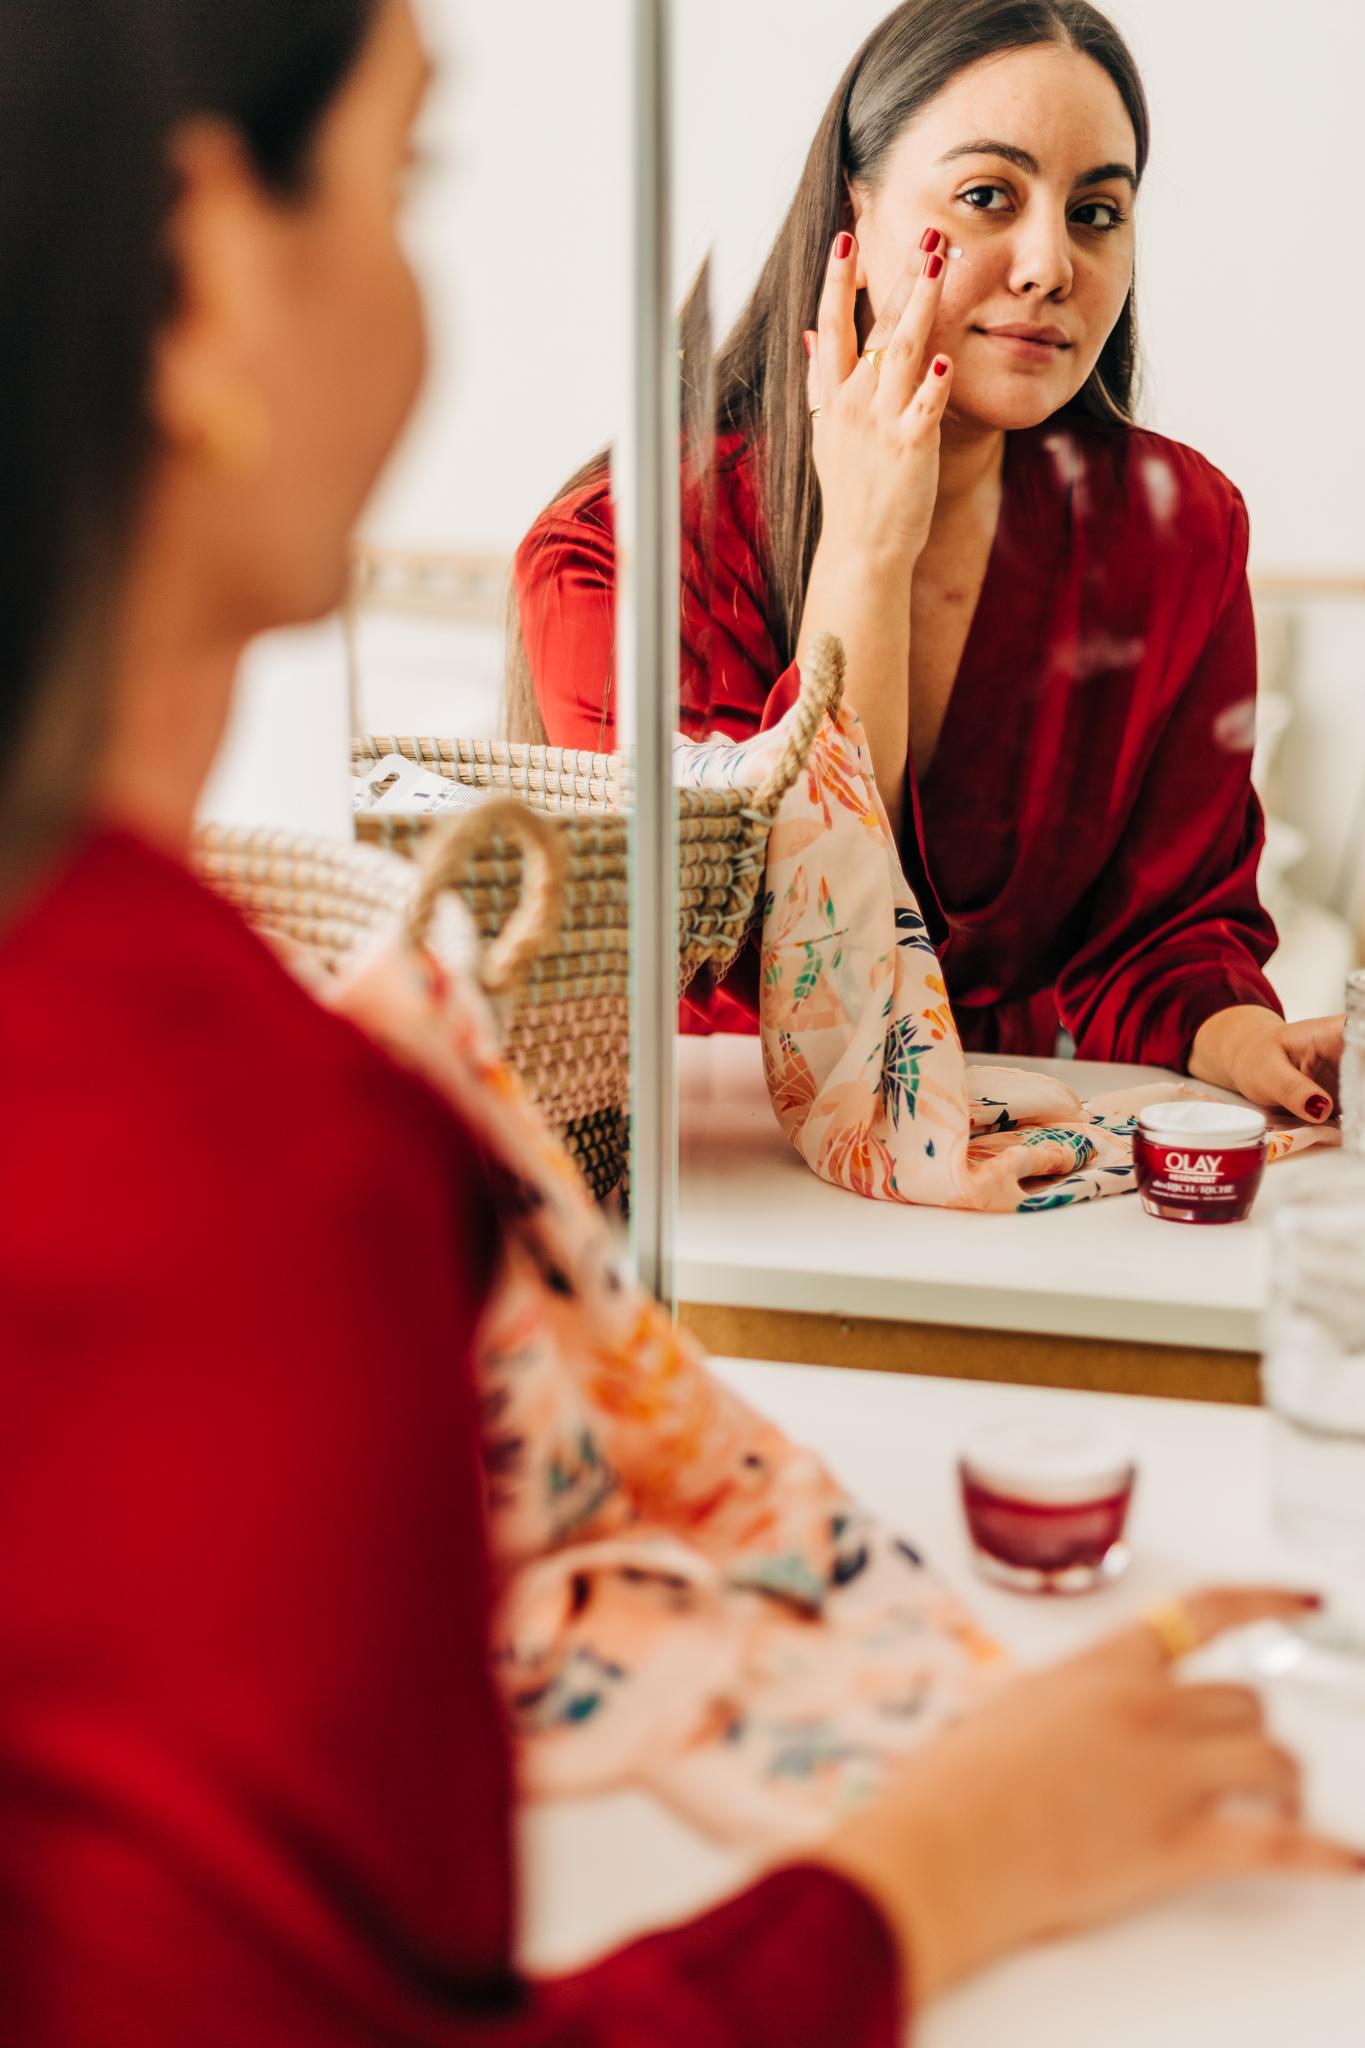 Hydratant Olay Regenerist Ultra Riche: Une revue complète et détaillée et des conseils pour combattre la déshydratation de la peau en hiver.